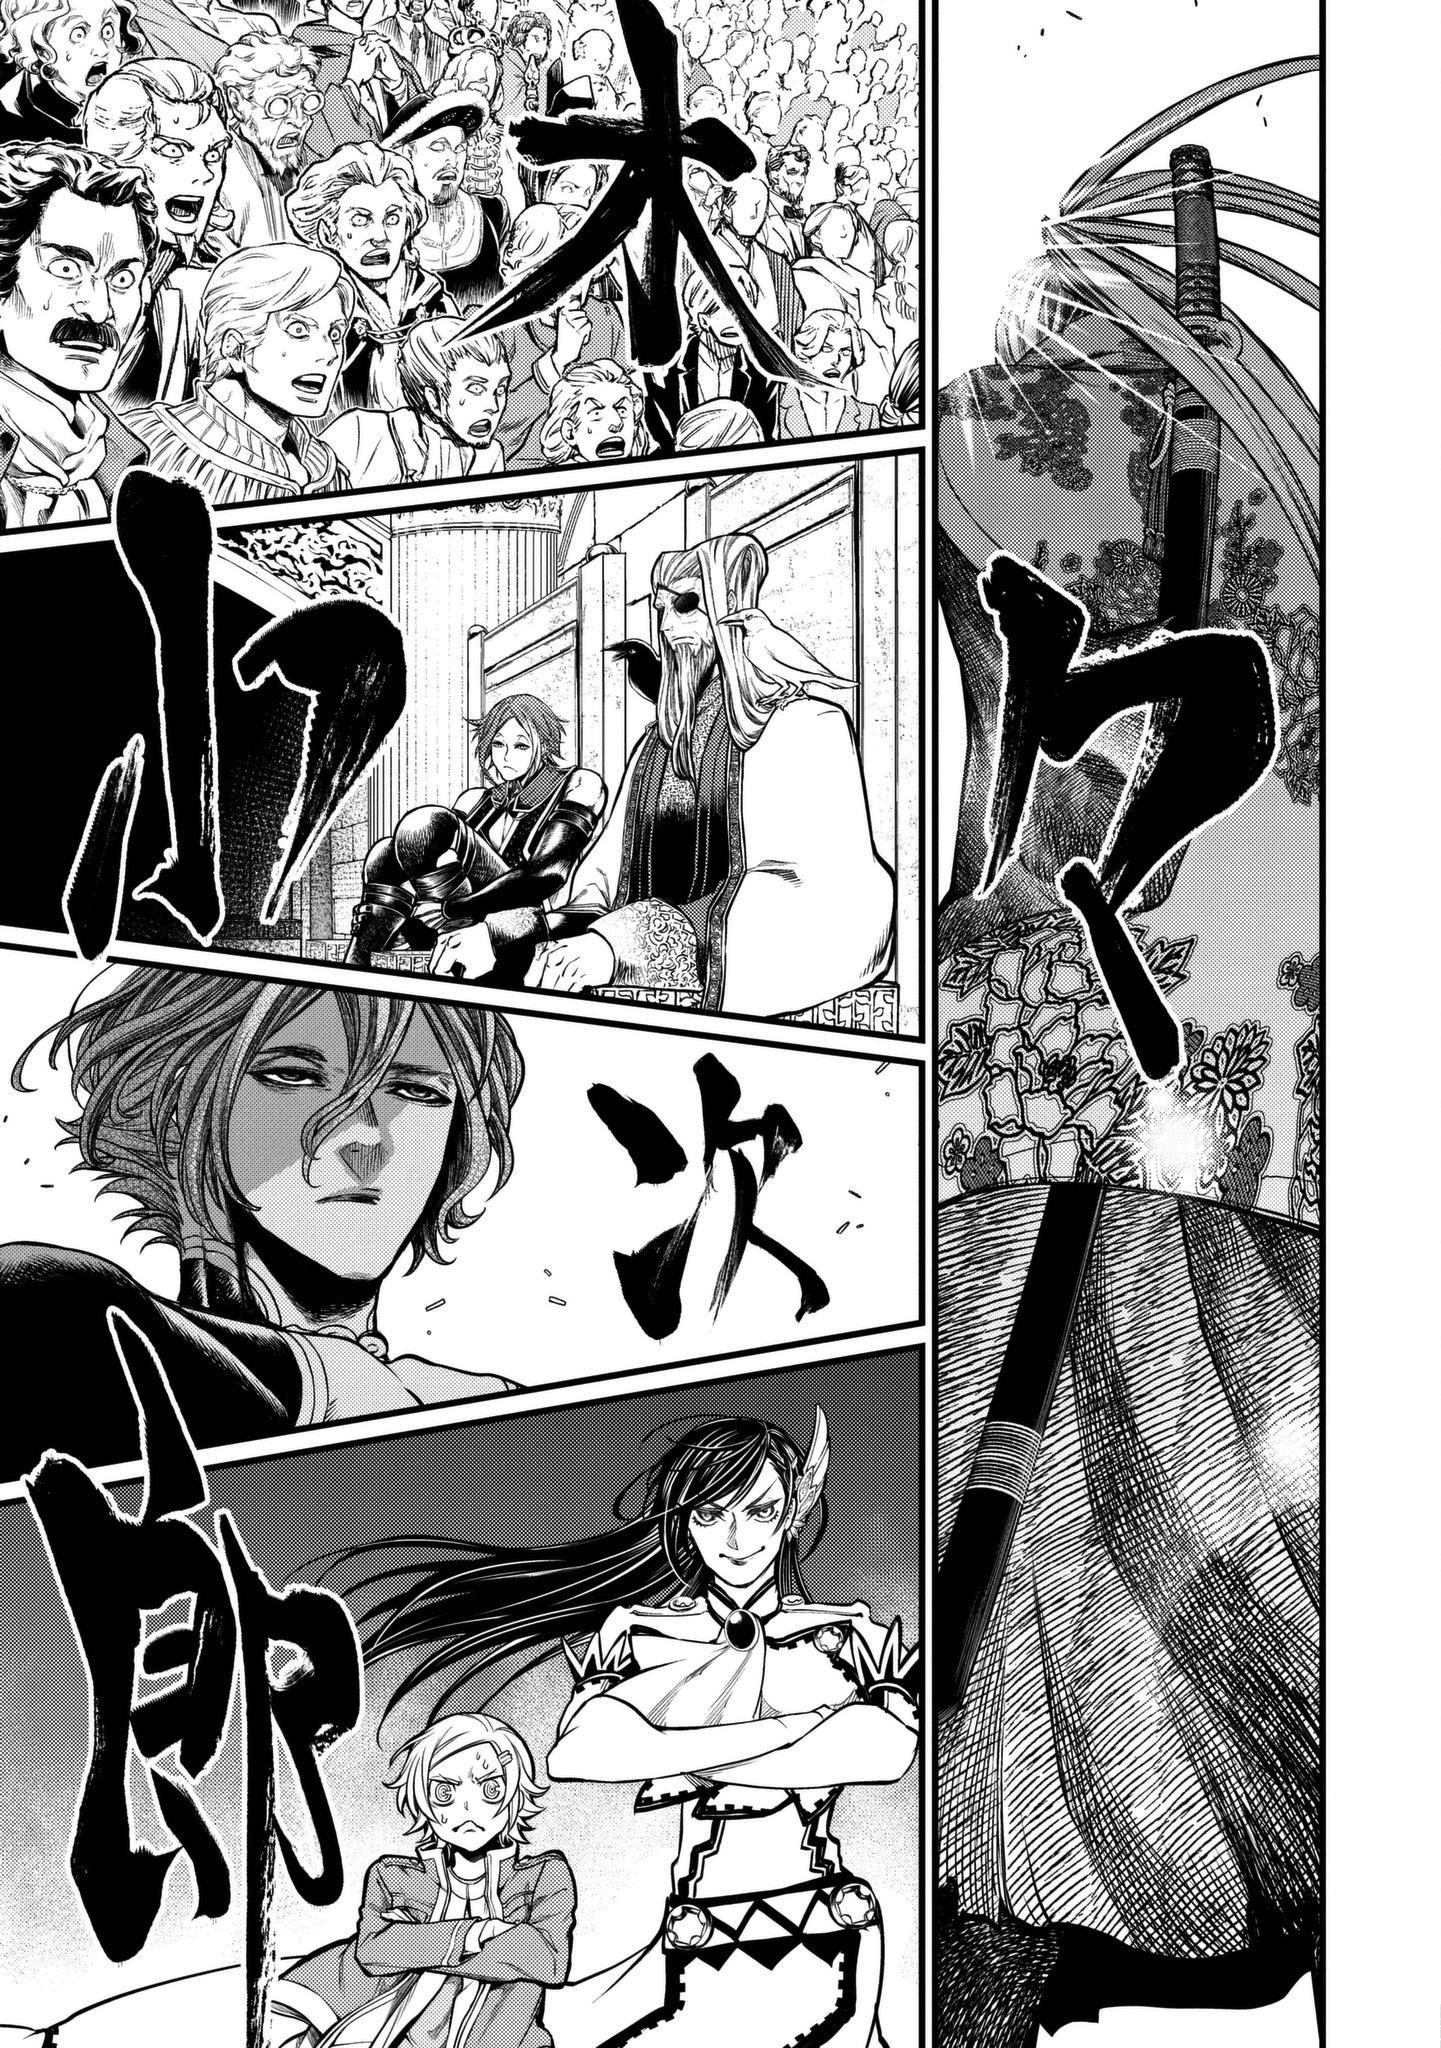 อ่านการ์ตูน Shuumatsu no Walkure ตอนที่ 14 หน้าที่ 16